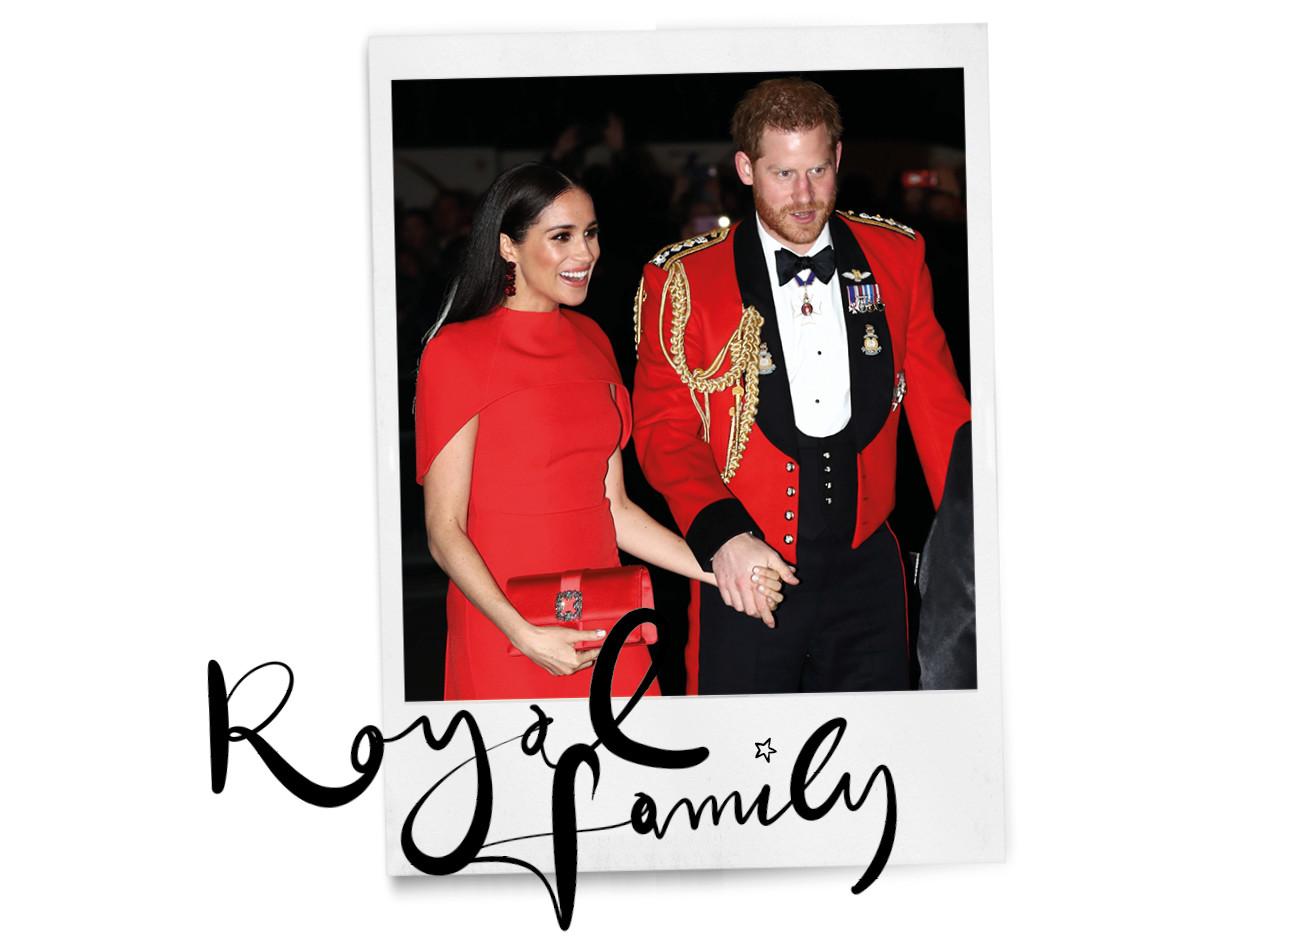 Meghan Markle en prins harry lachend op straat in UK met rode outfti